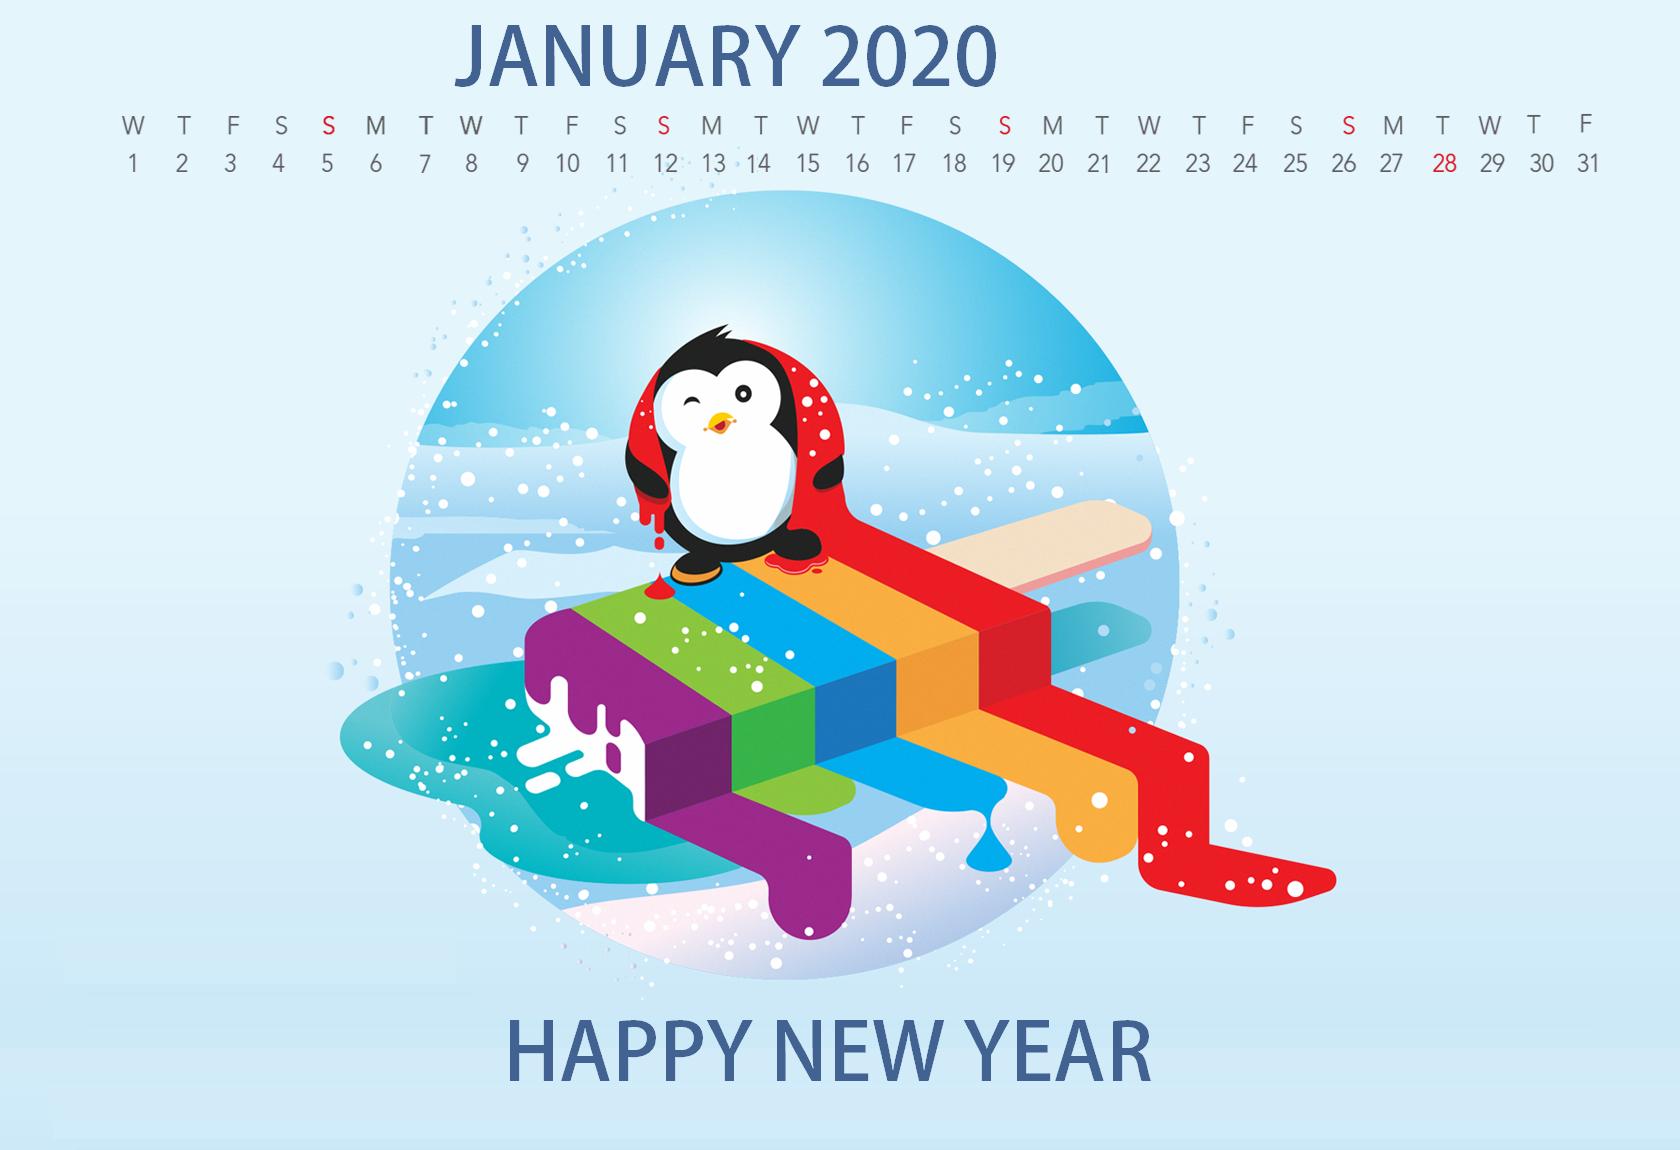 Cute January 2020 Desktop Calendar Wallpaper